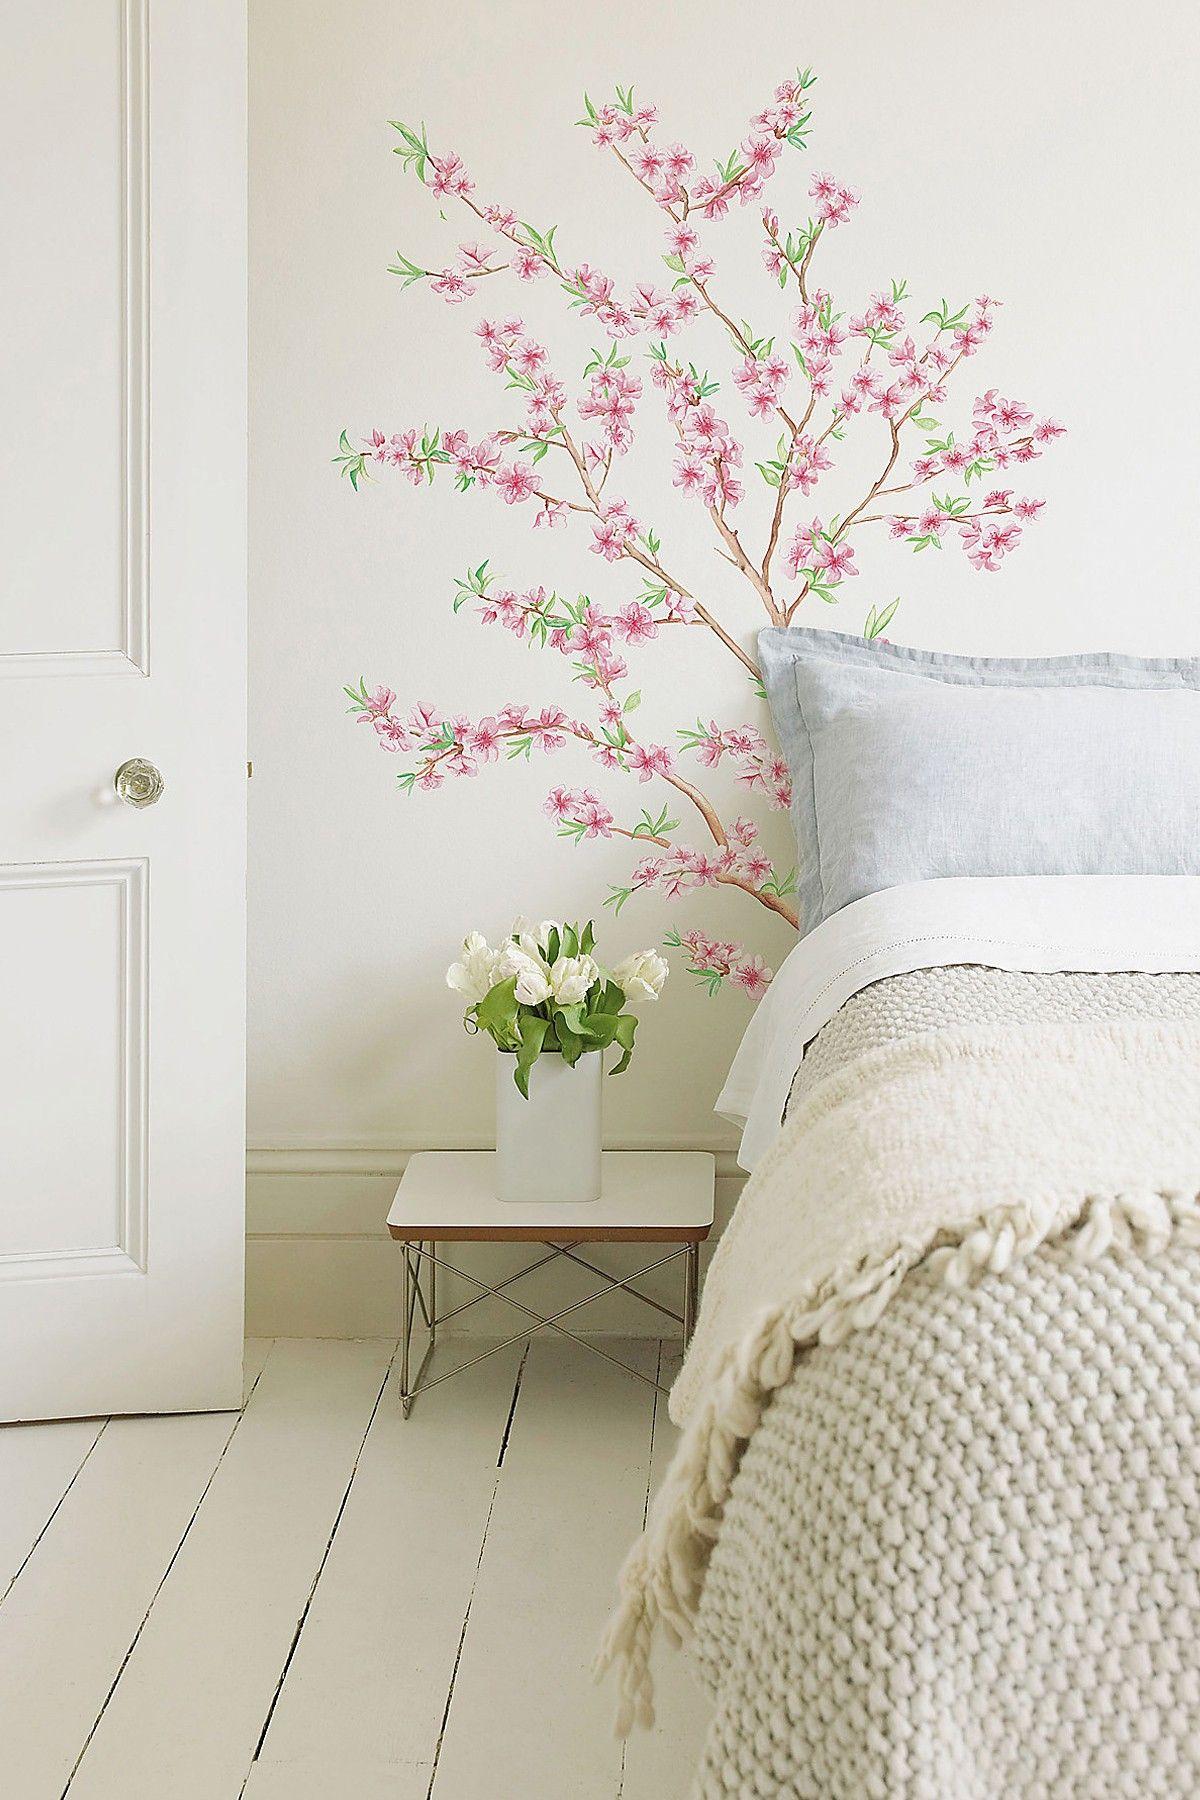 Flower wall decal wayfair interior decorating pinterest